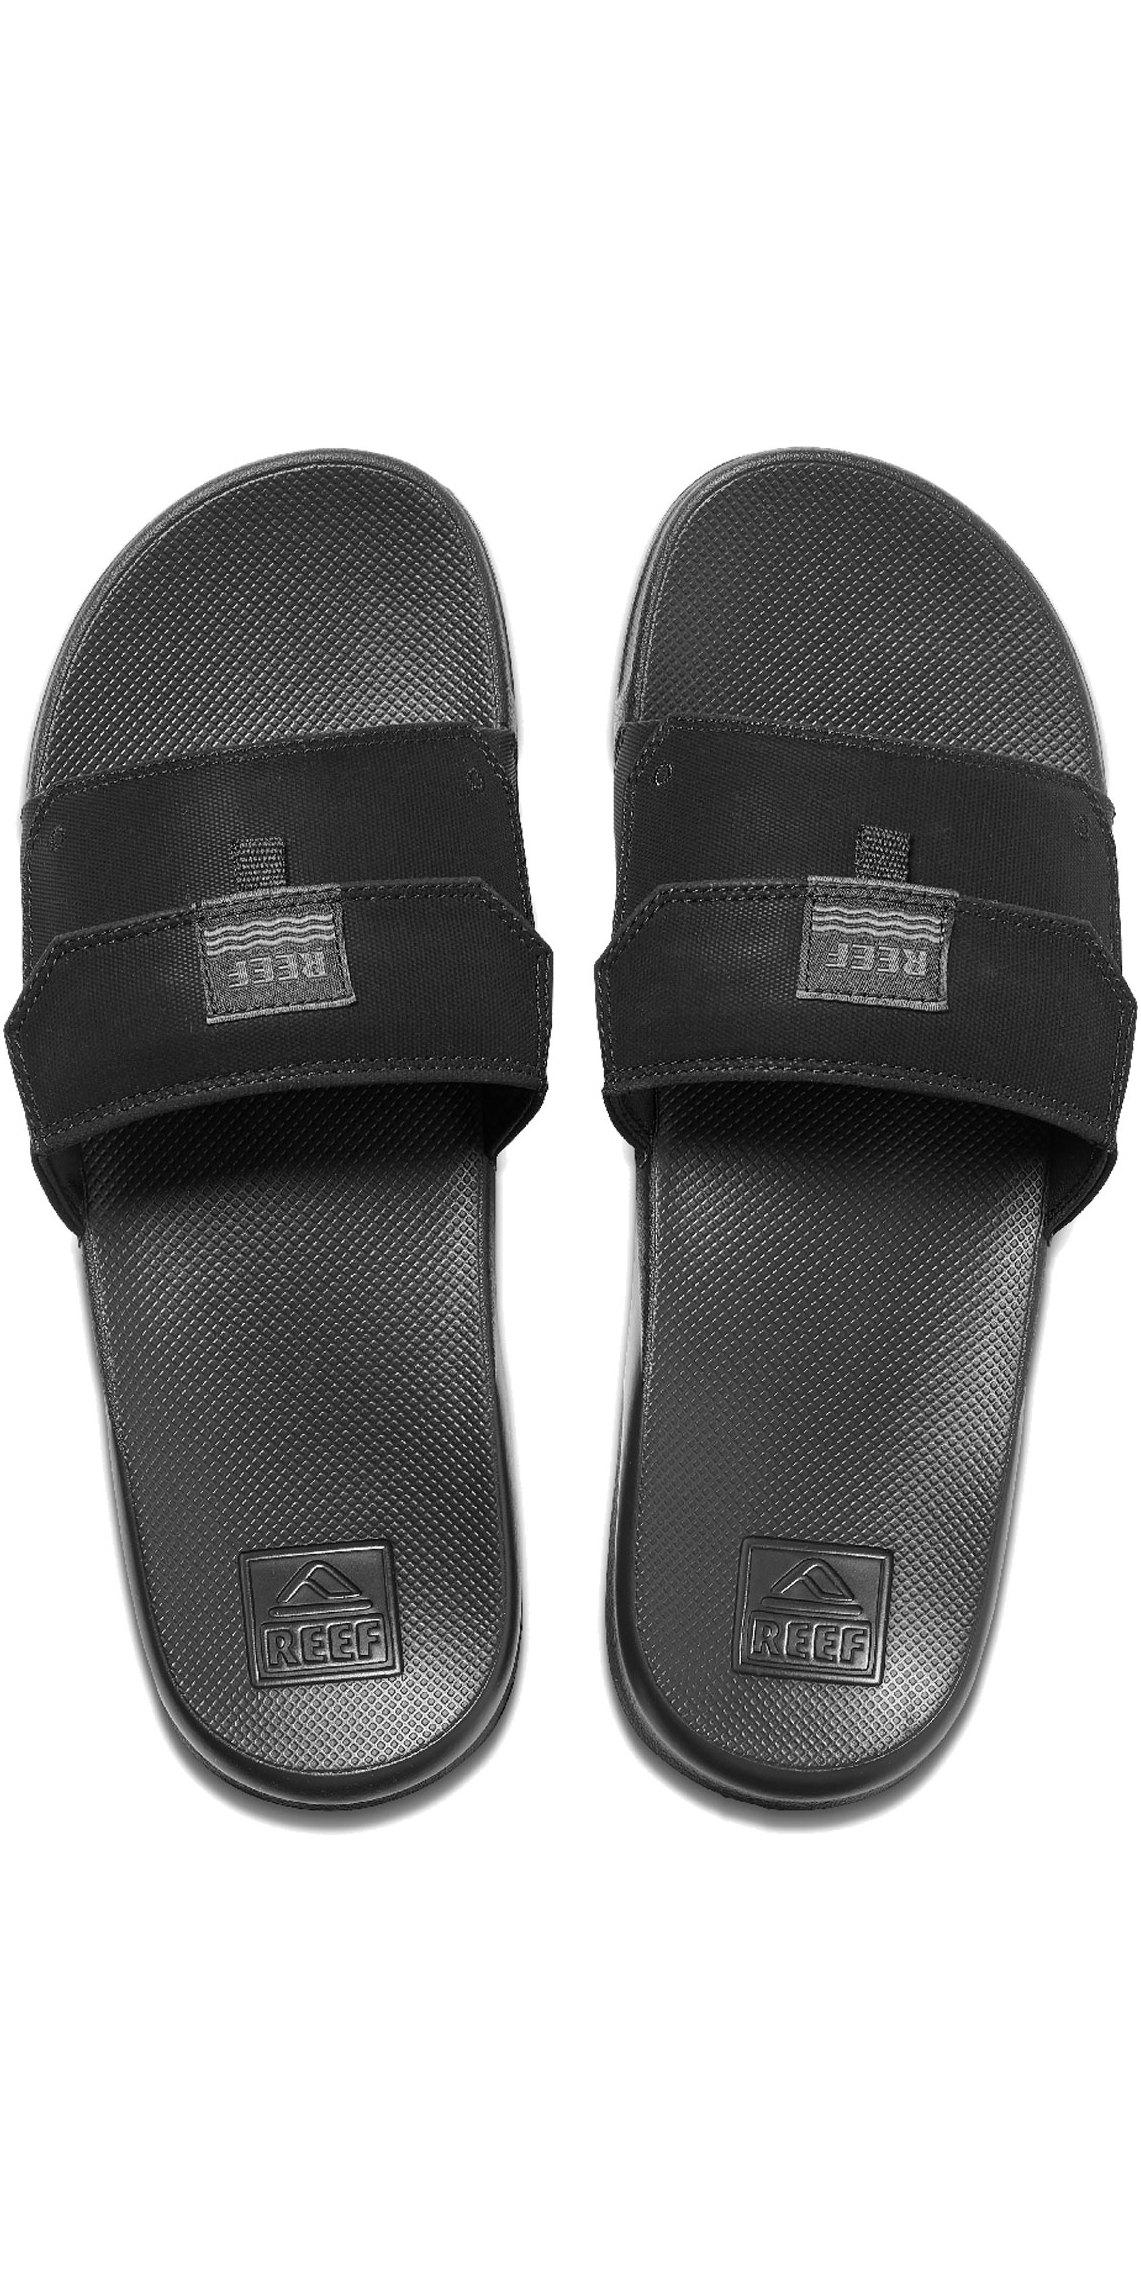 2020 Reef Miesten Stash Slide Flip Flops Sandaalit Rf0a3ymj Musta